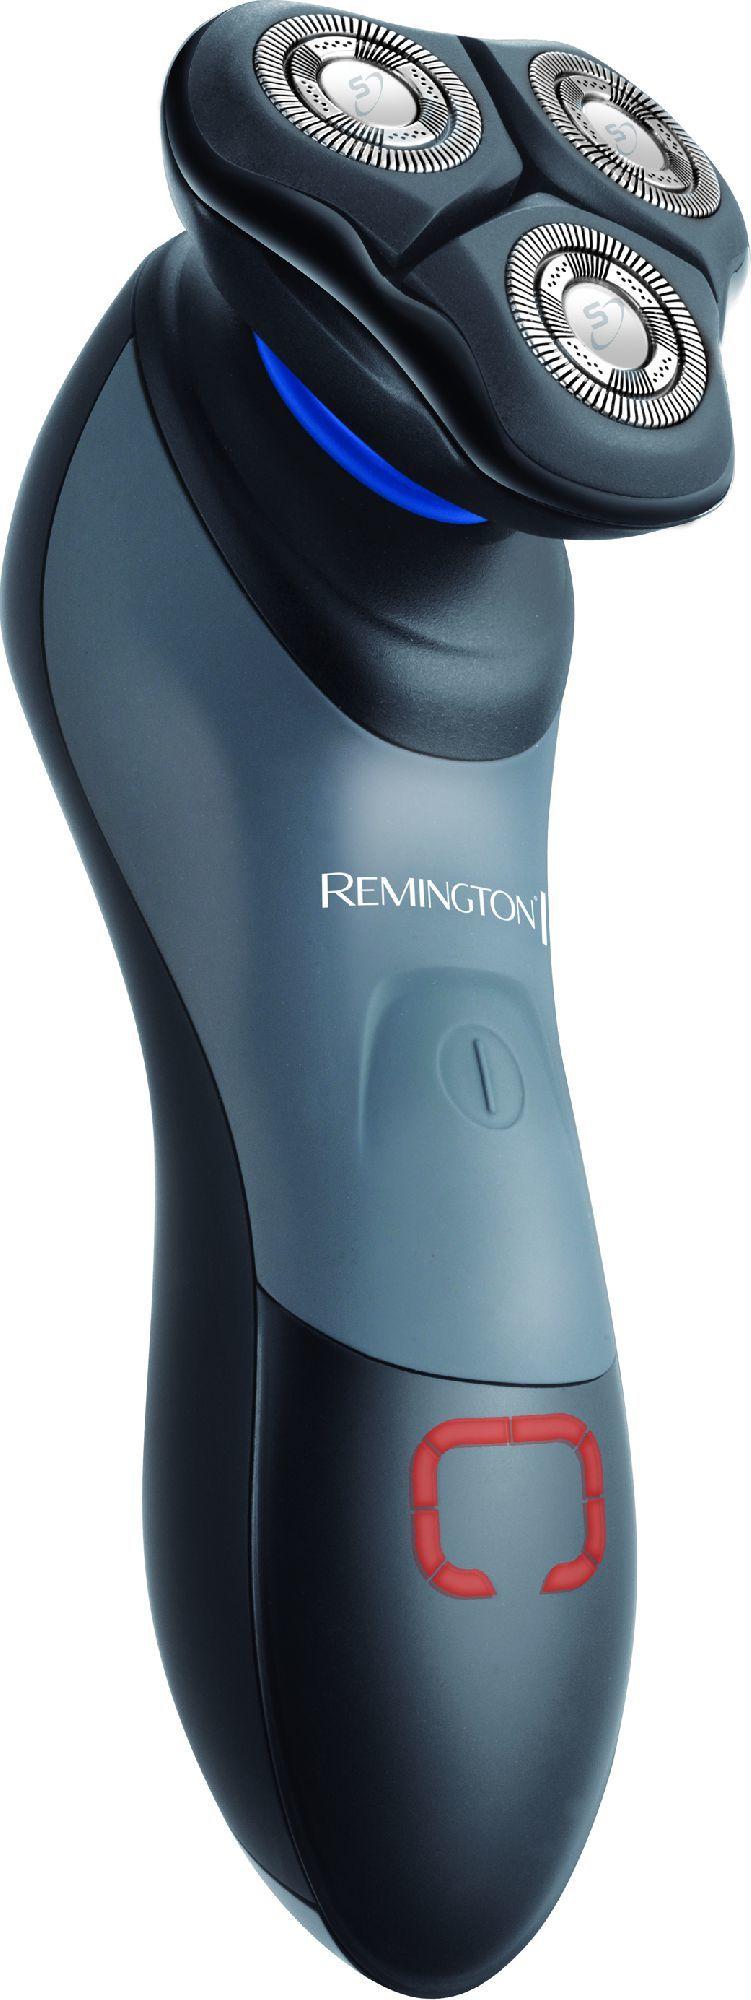 Golarka Remington Rotacyjna Hyperflex Plus XR1350 1